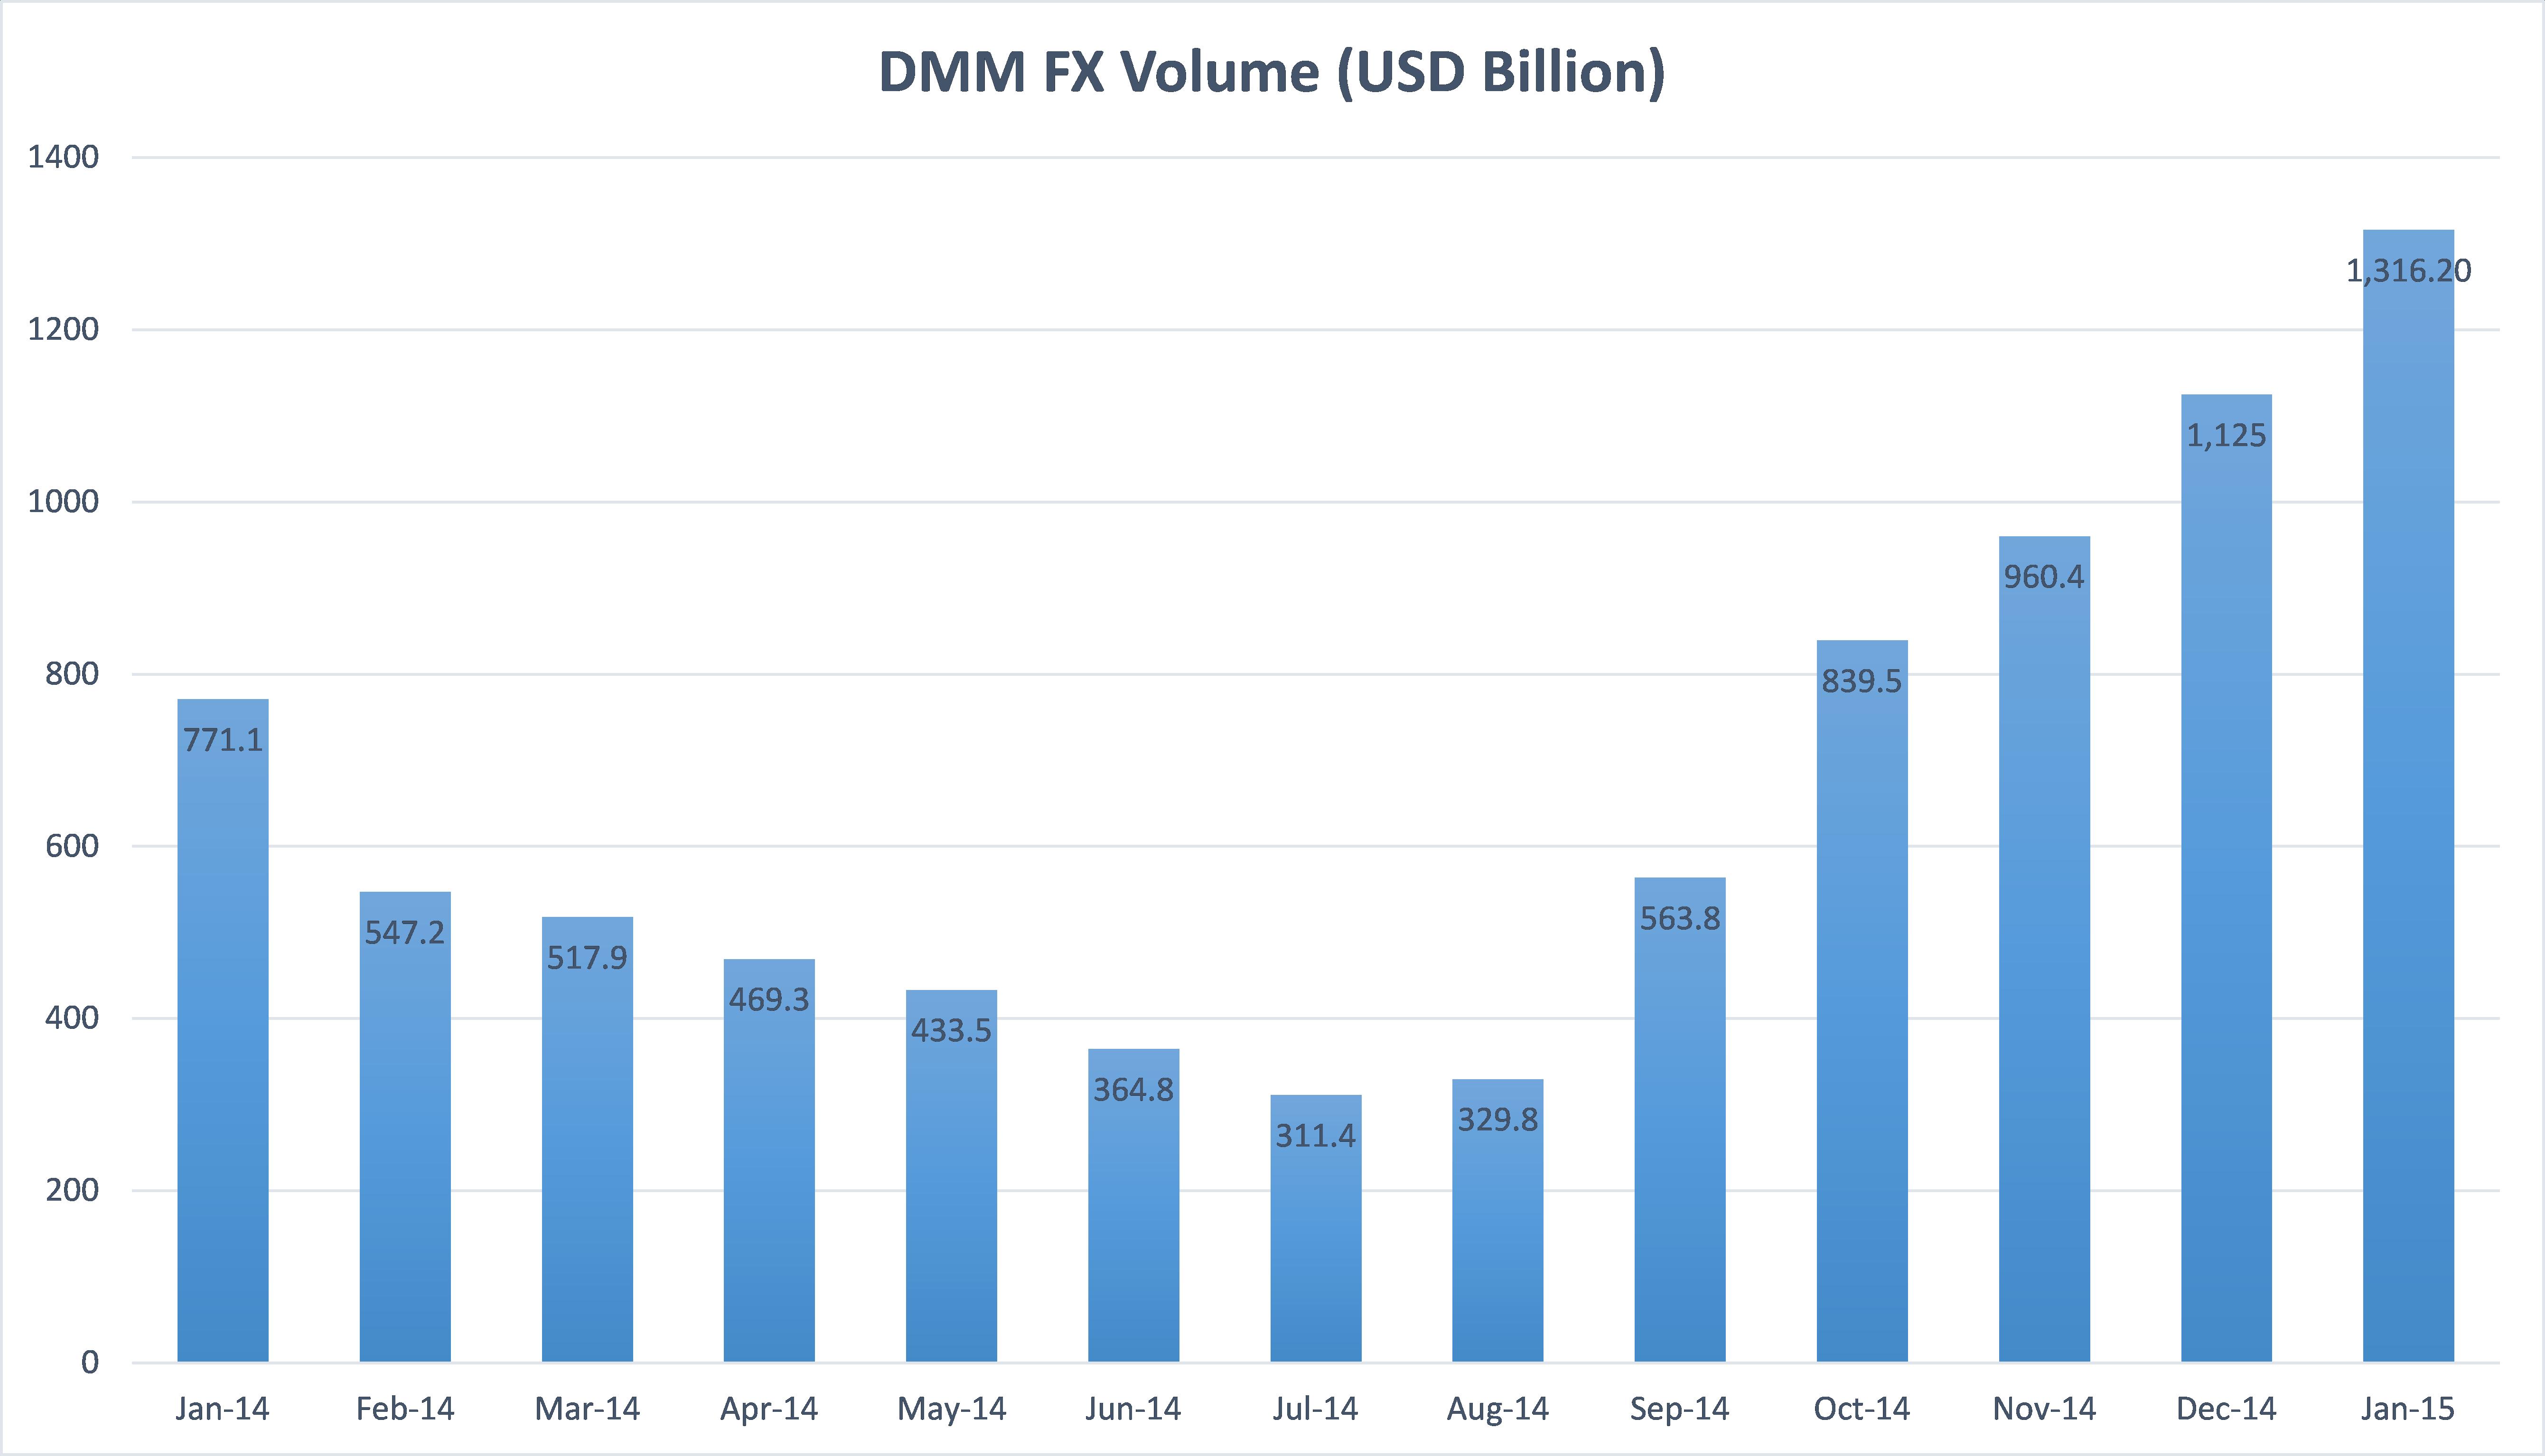 Top forex brokers by volume